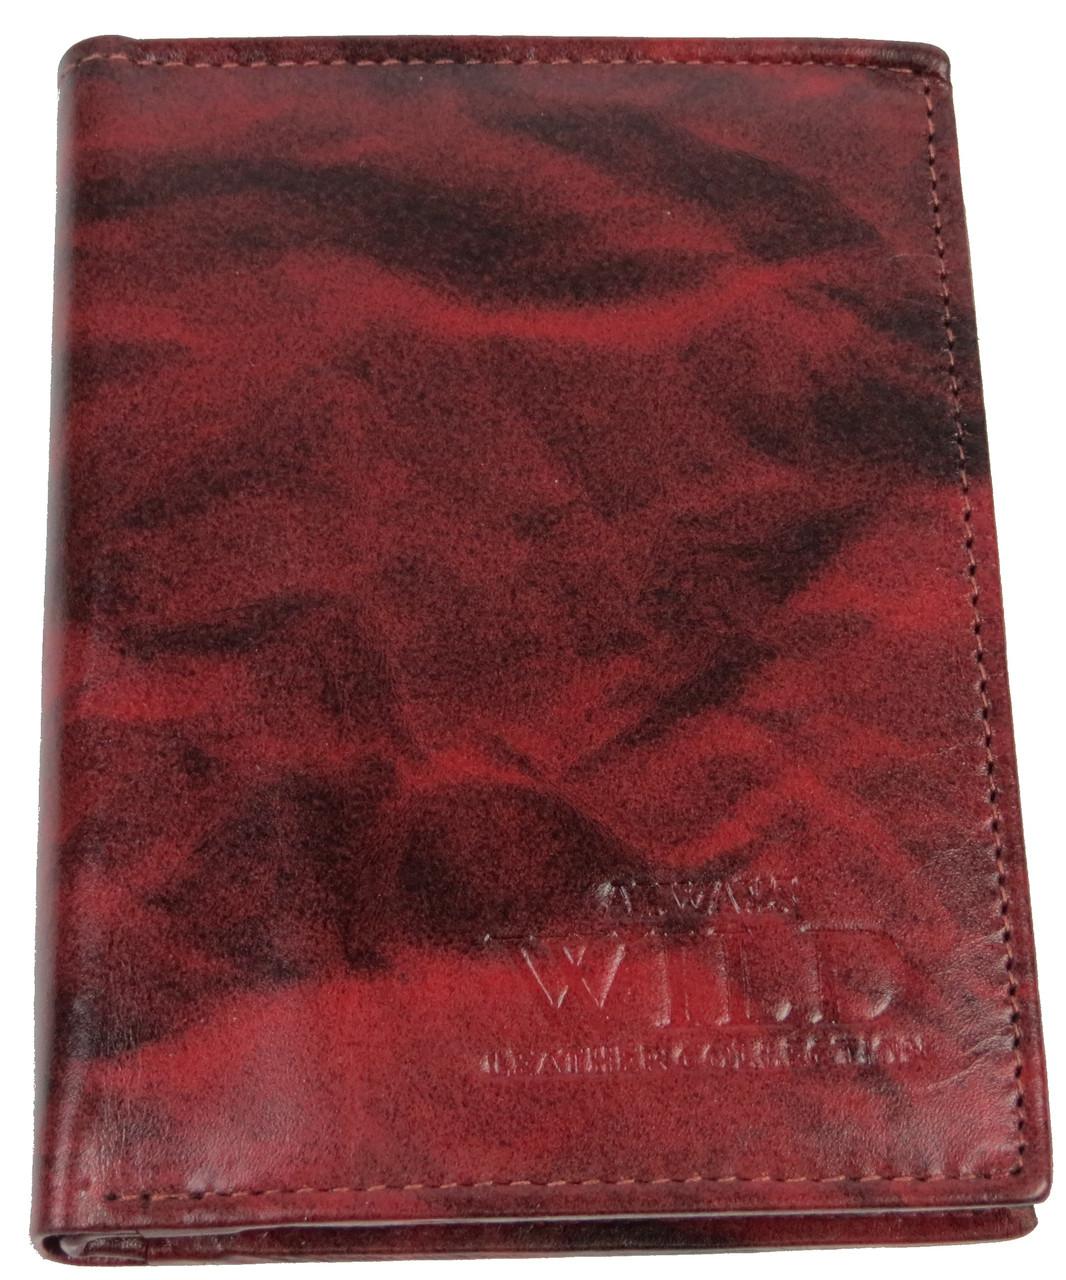 Портмоне вертикальное из кожи ALWAYS WILD SN4TT Red